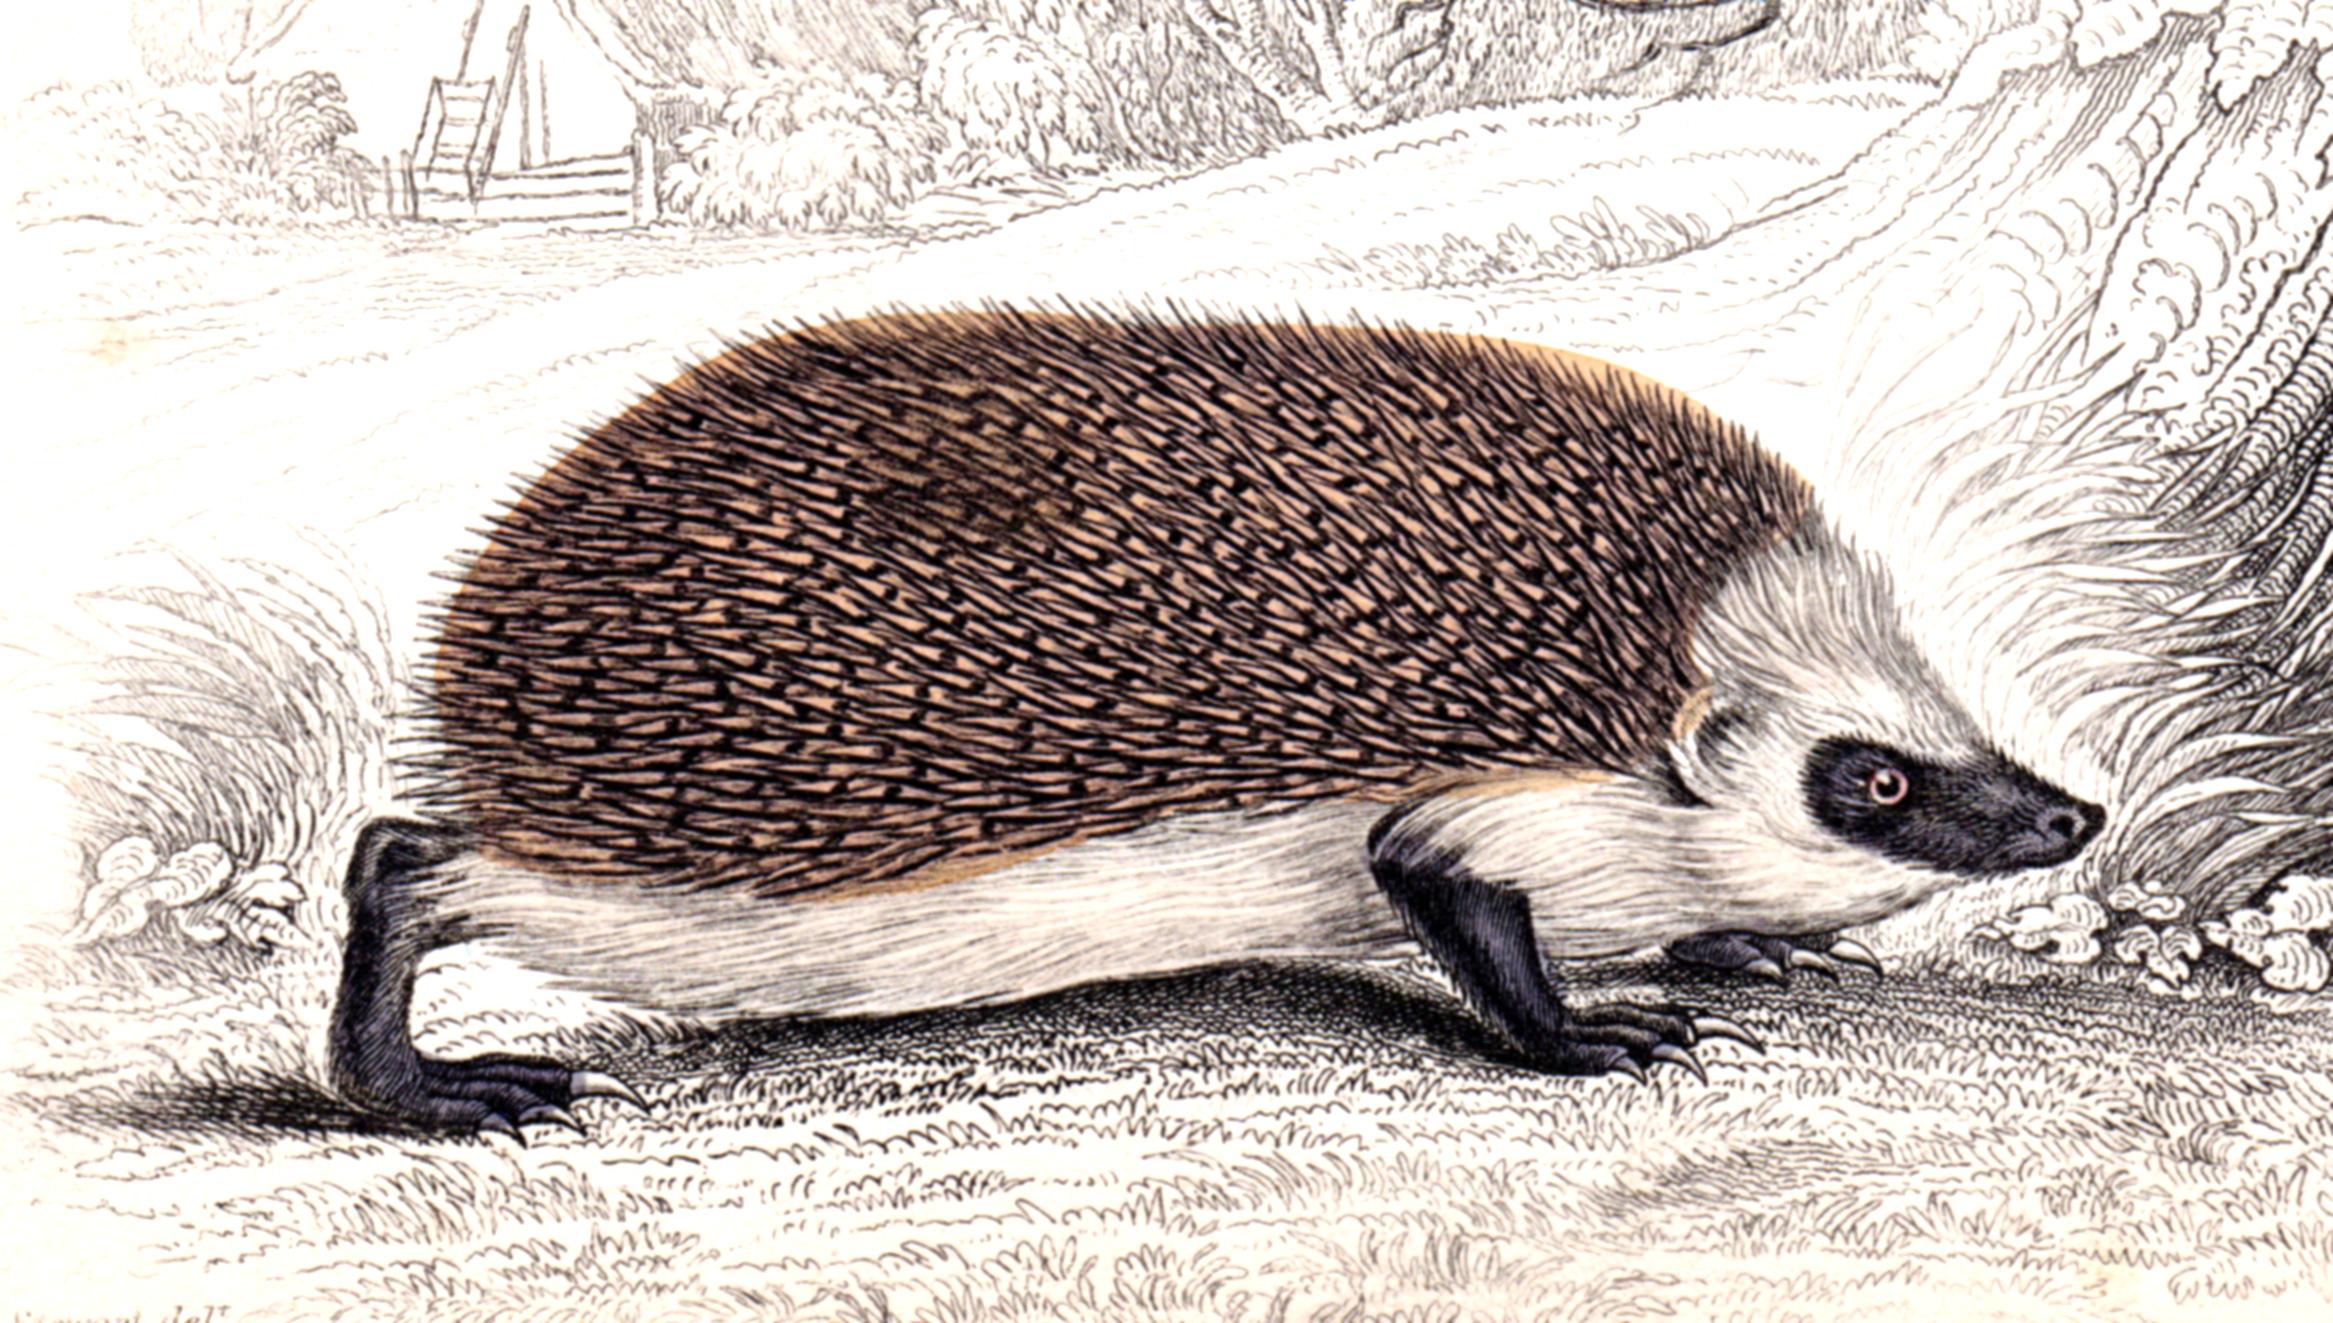 Jardine, Sir Wm / Lizars, Wm – Small Mammals